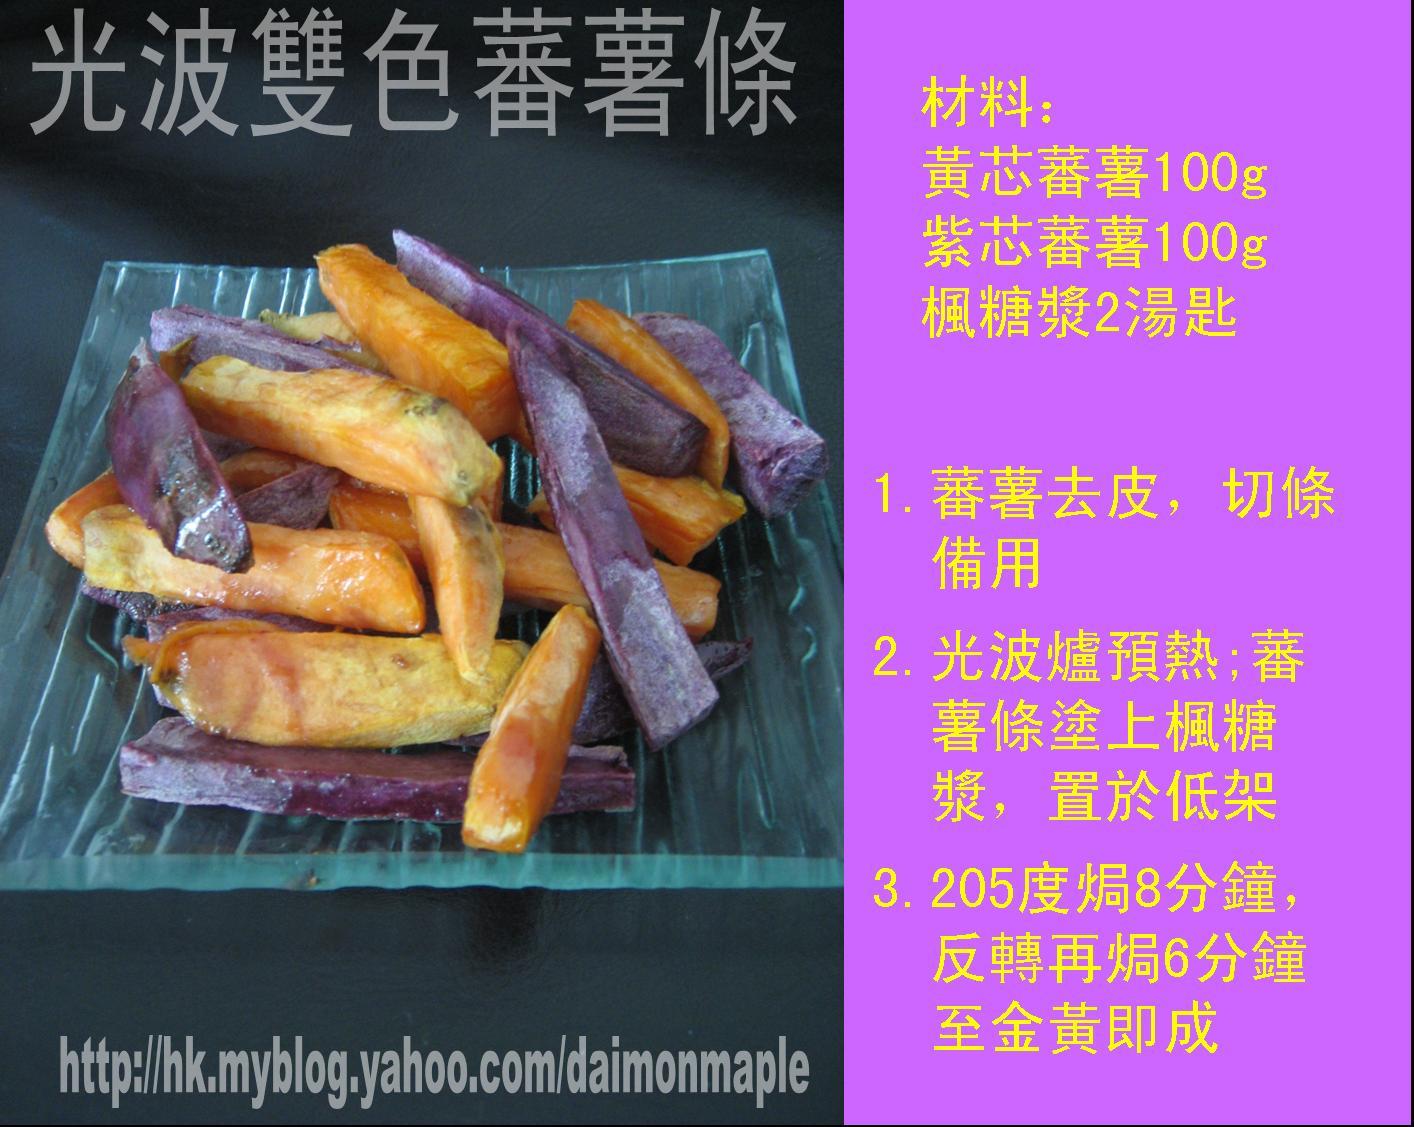 大蚊廚房 : 光波爐食譜 - 光波雙色蕃薯條